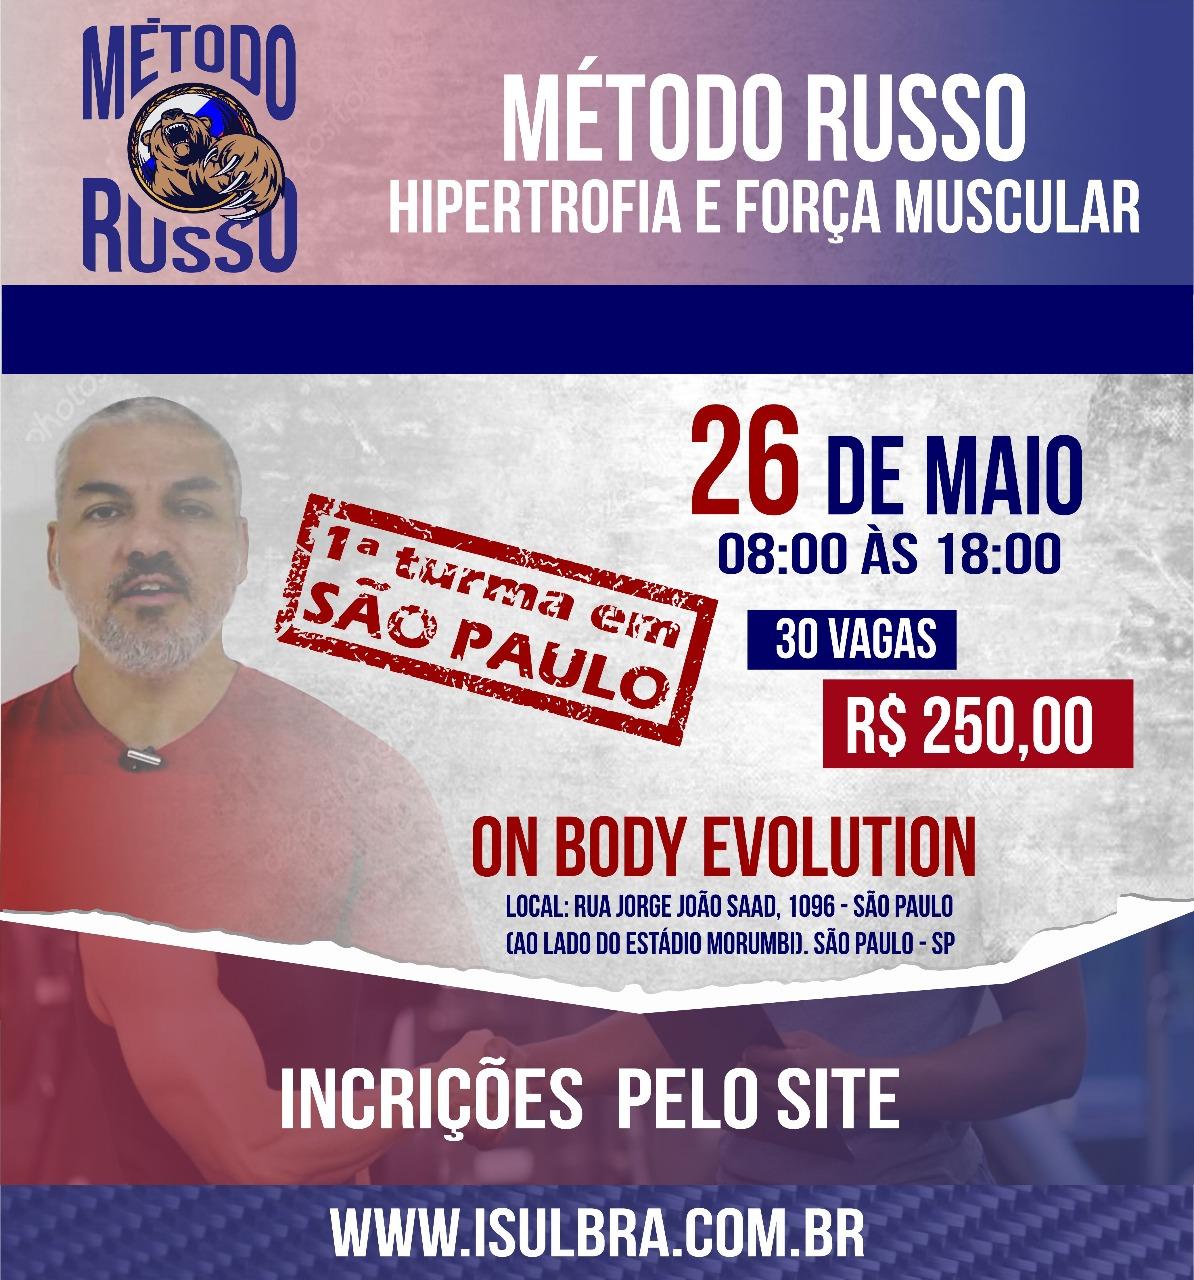 Curso para Método Russo para treinamento de força e hipertrofia - São Paulo